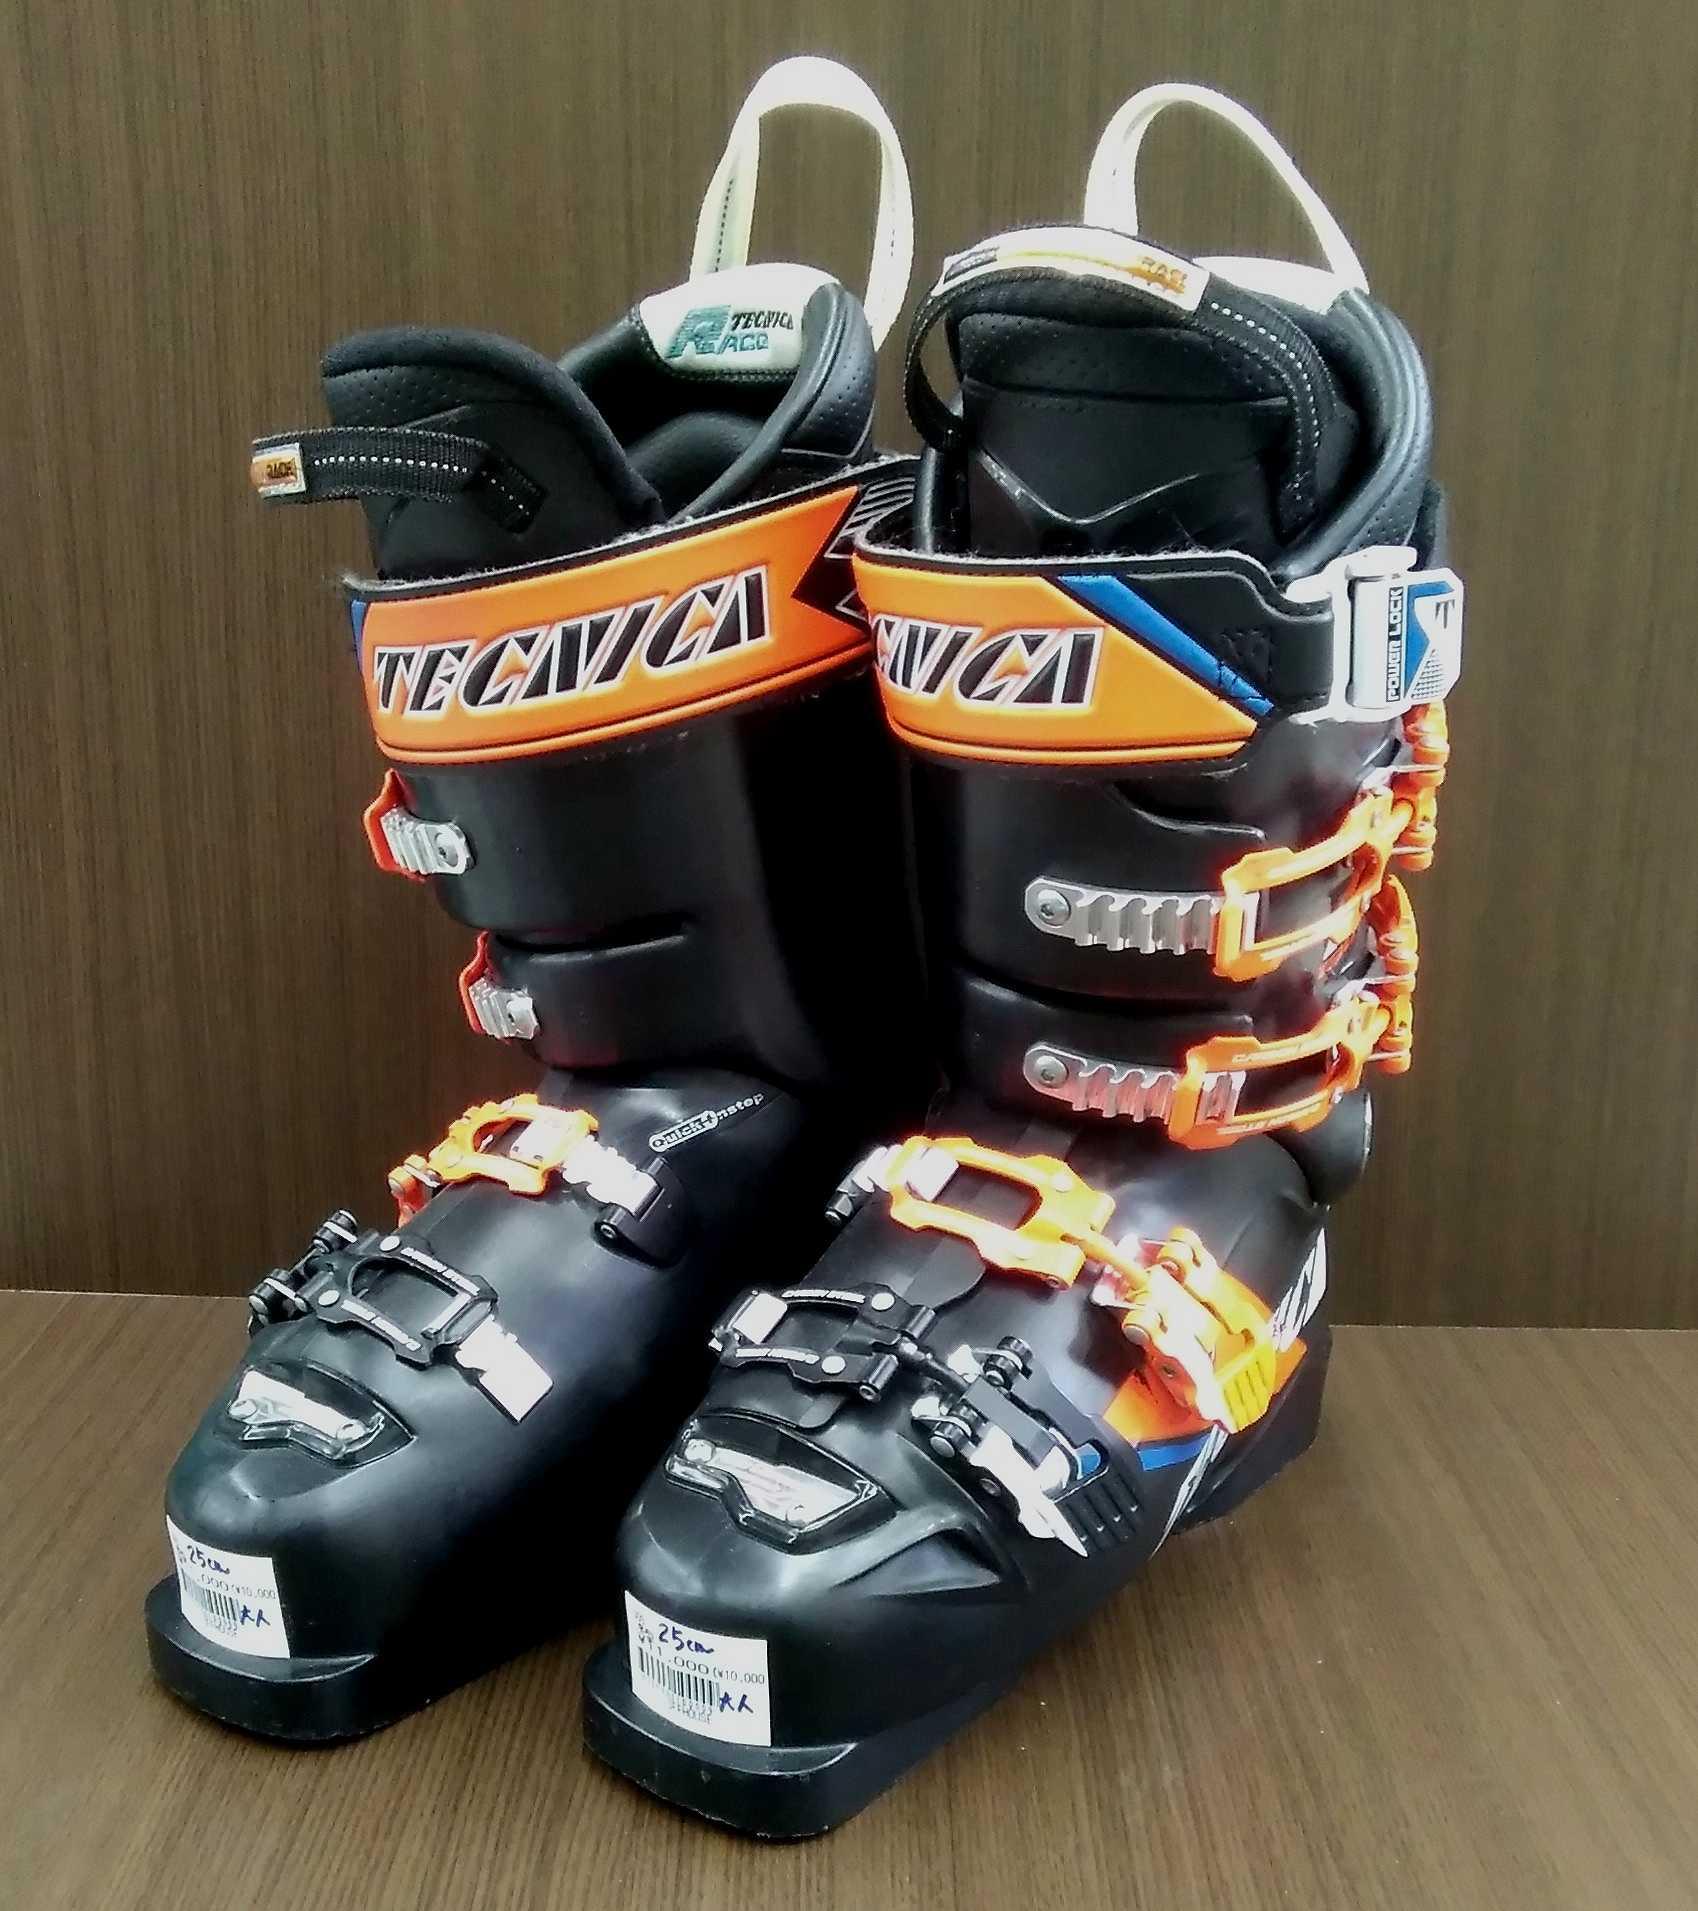 スキーブーツ(黒×オレンジ) TECNICA